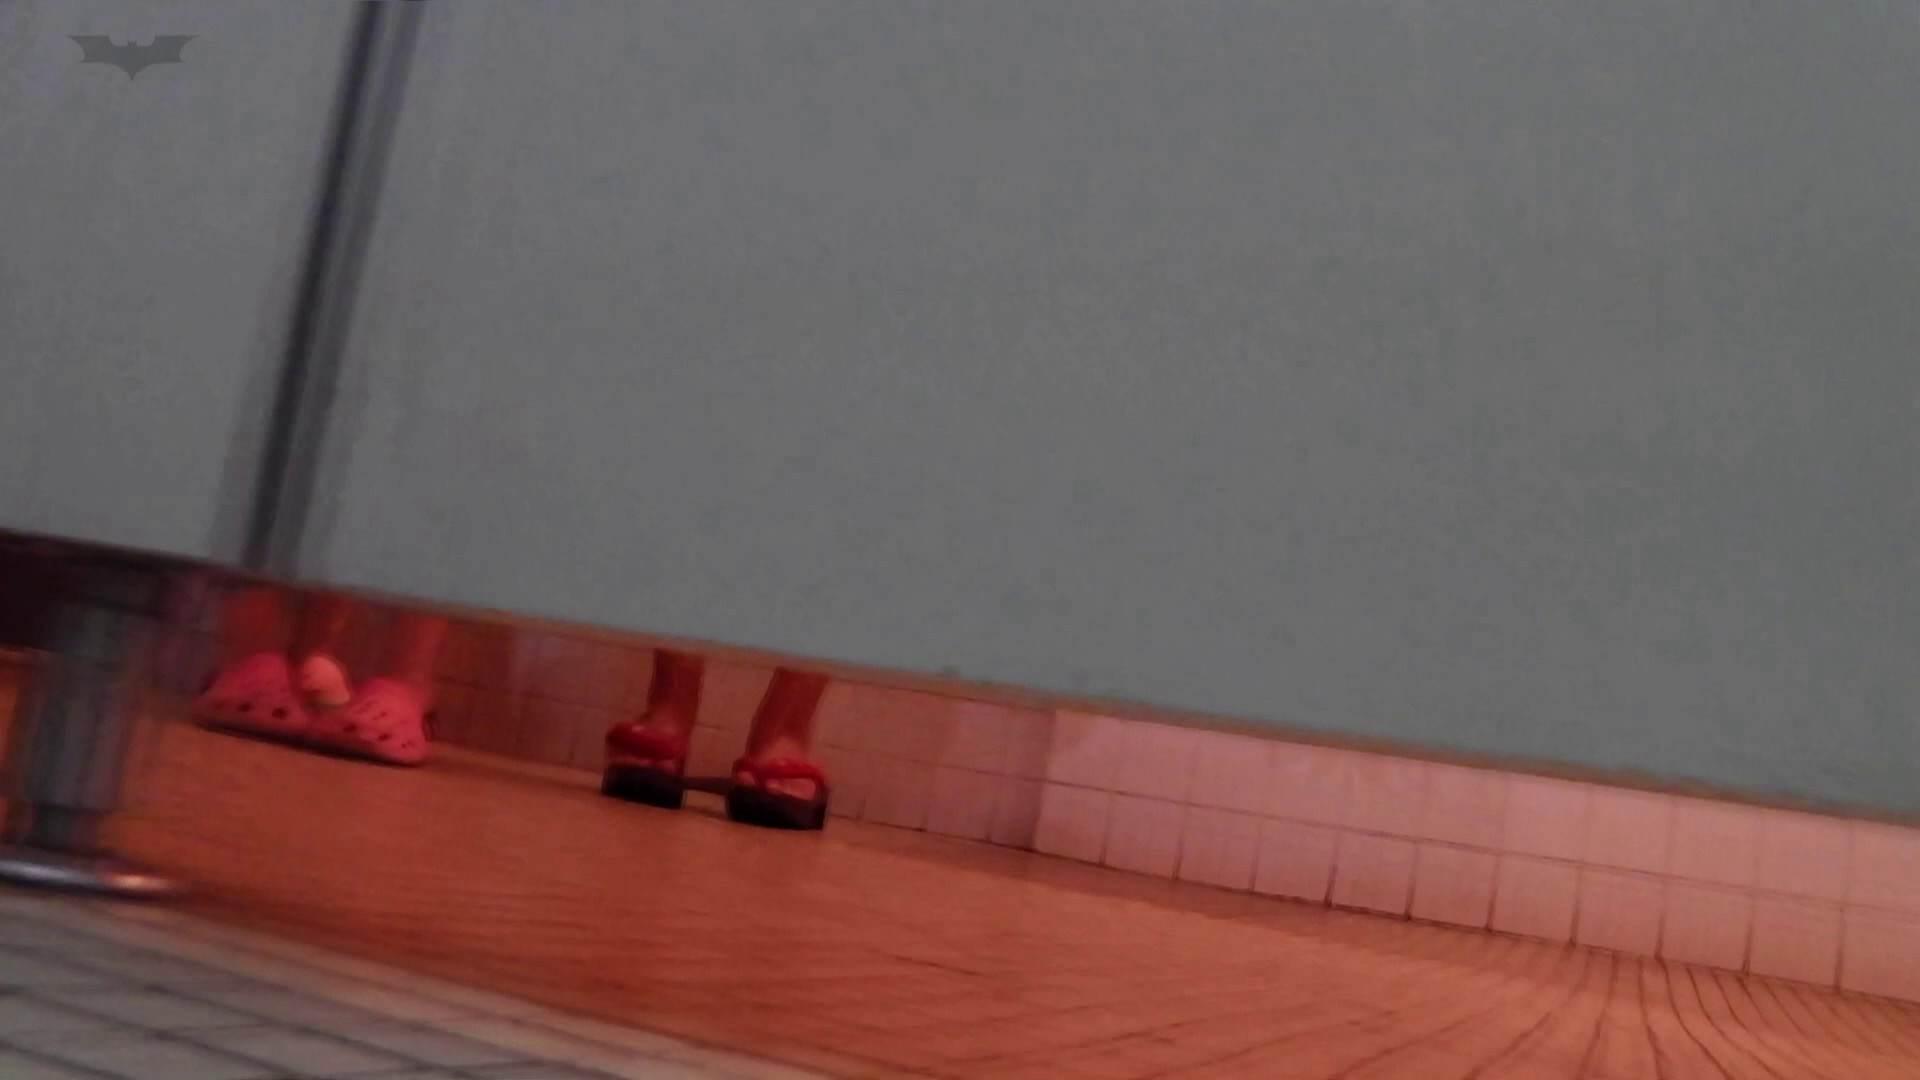 ▲復活限定▲マンコ丸見え!花火大会潜入撮 Vol.02 明るい場所に移動! 期間限定作品 われめAV動画紹介 95画像 88